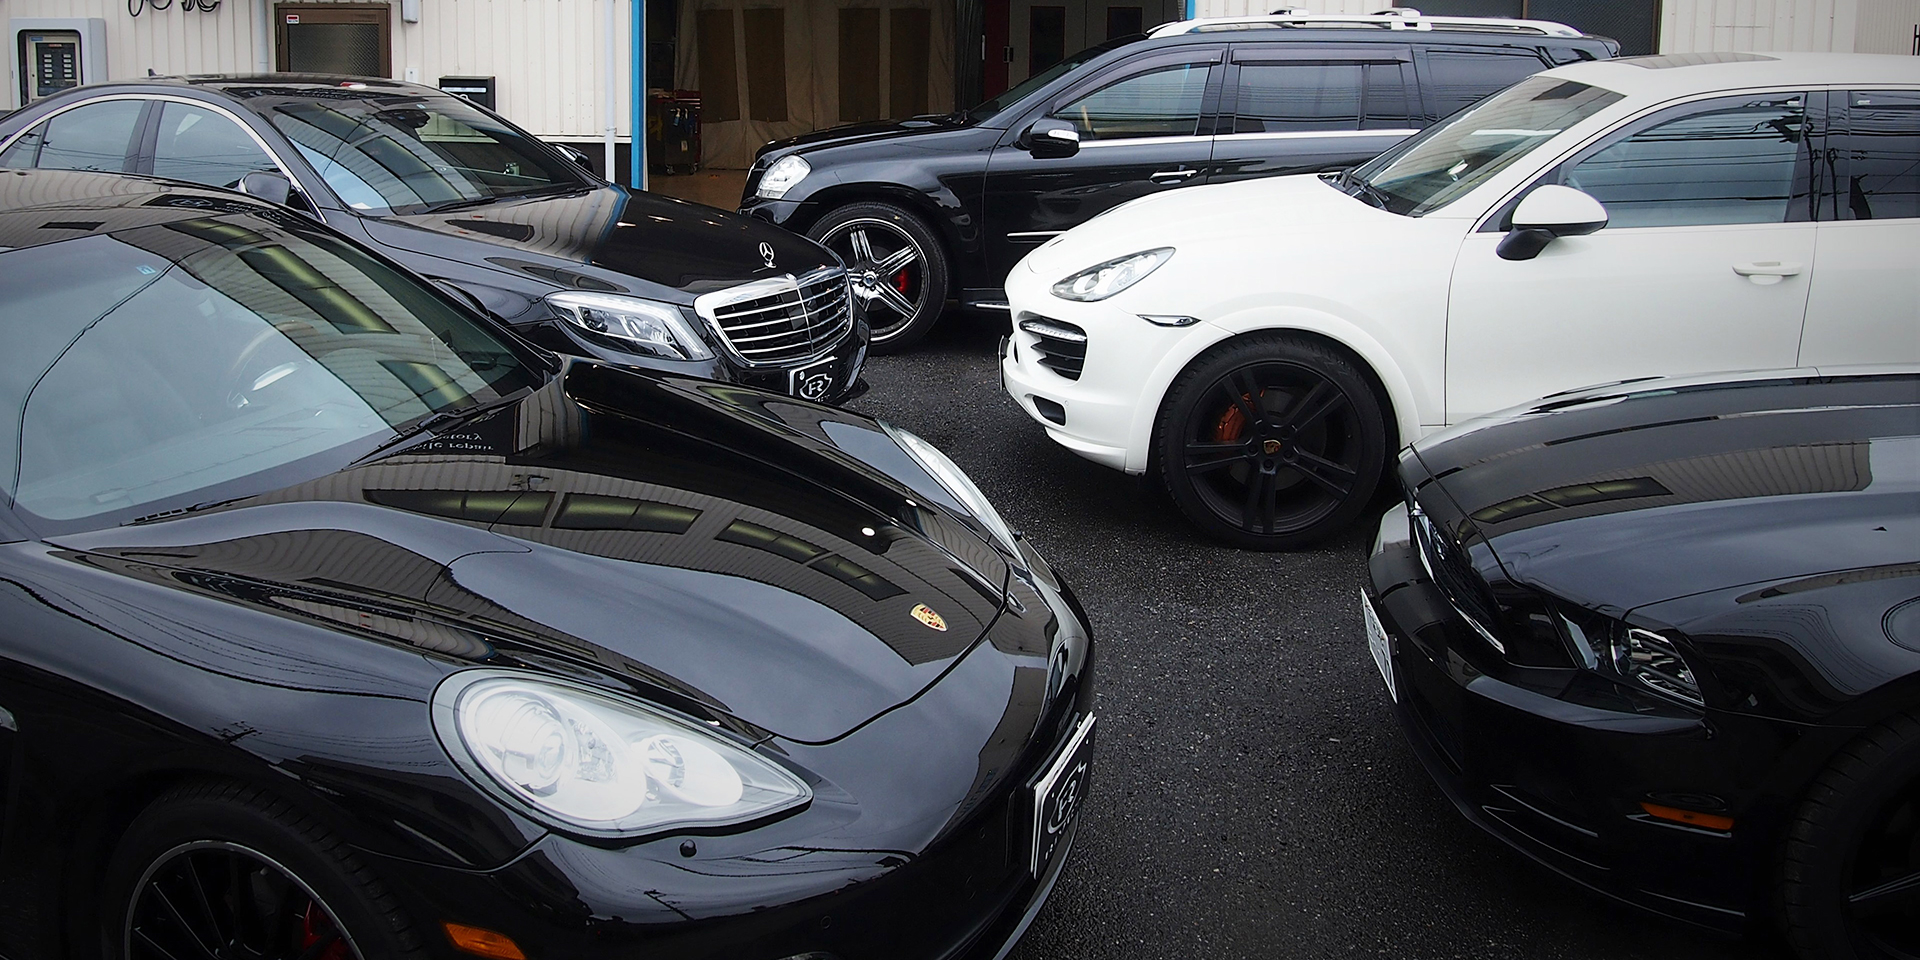 高級車販売 RIVET イメージ